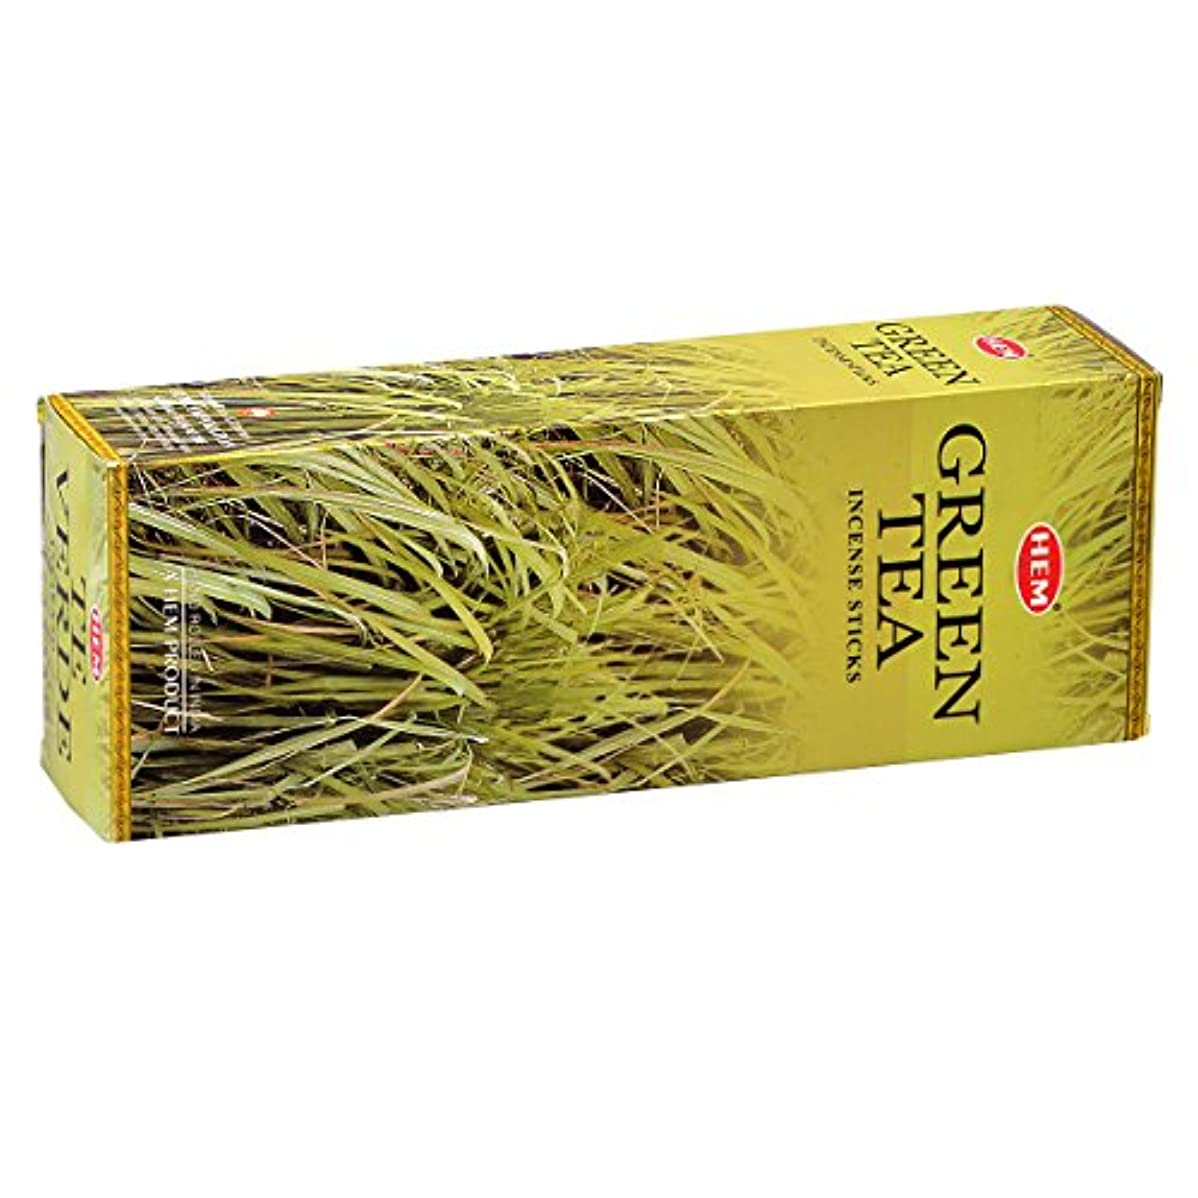 統計的リハーサルスキャンダルHEM(ヘム) グリーン ティー GREEN TEA スティックタイプ お香 6筒 セット [並行輸入品]